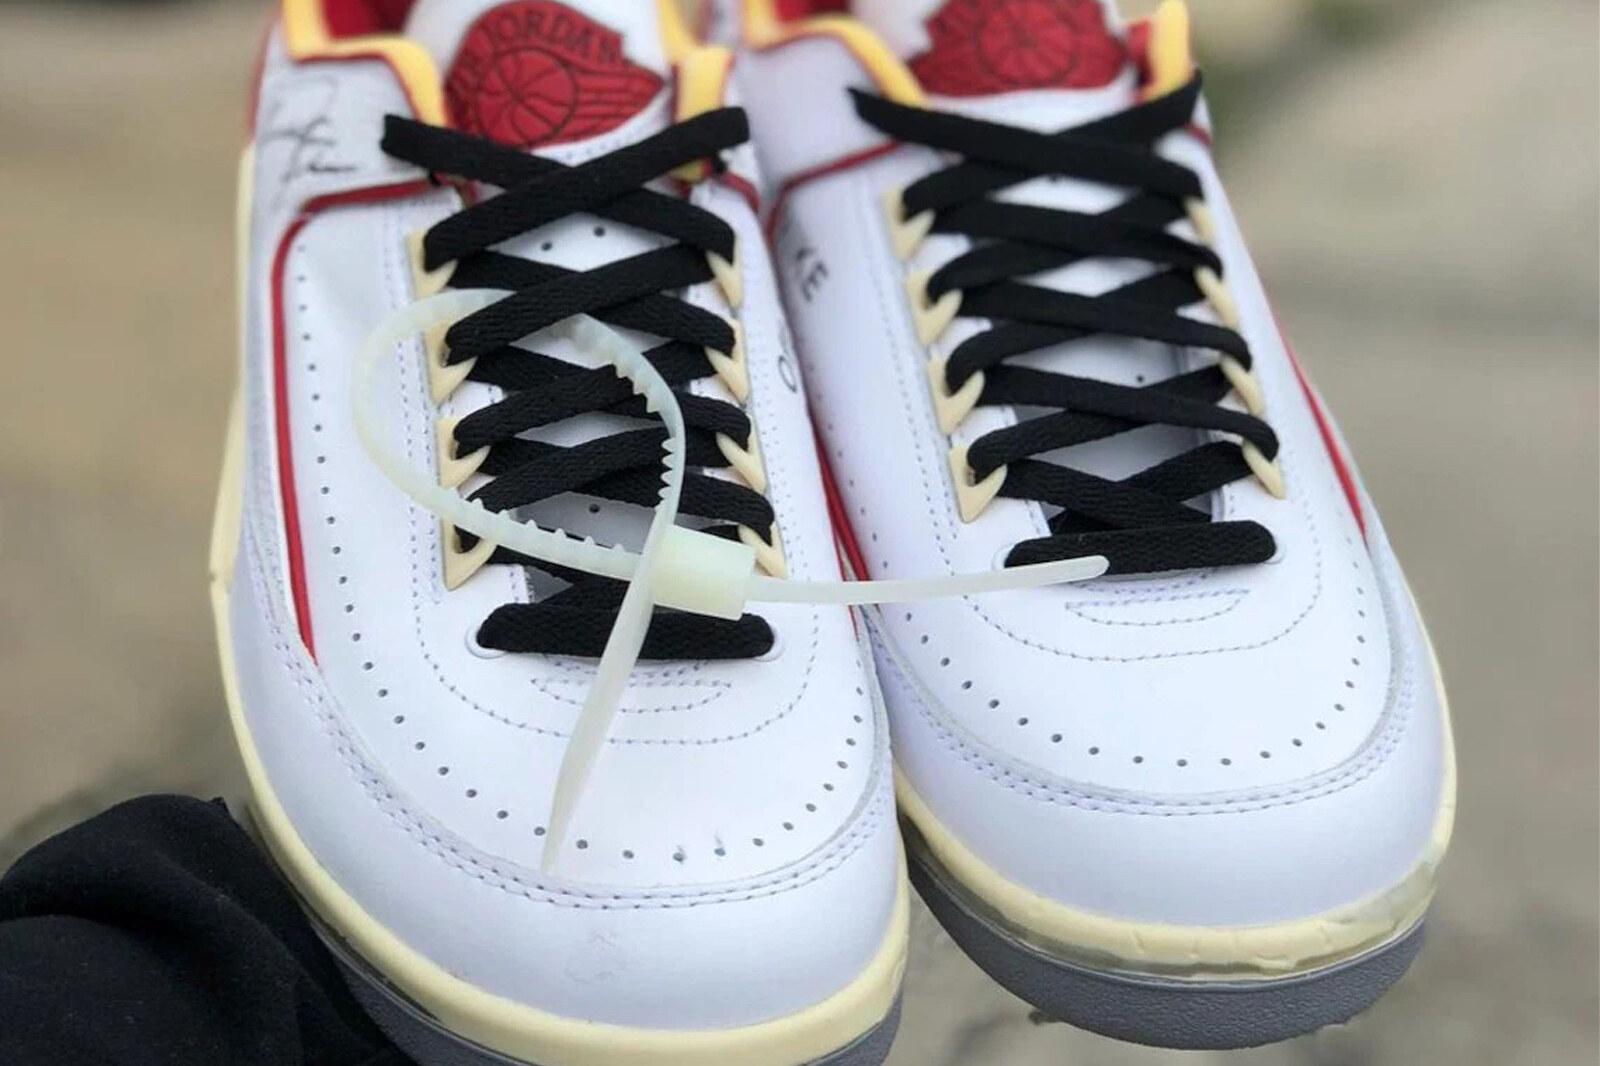 Off-White x Air Jordan 2 Low